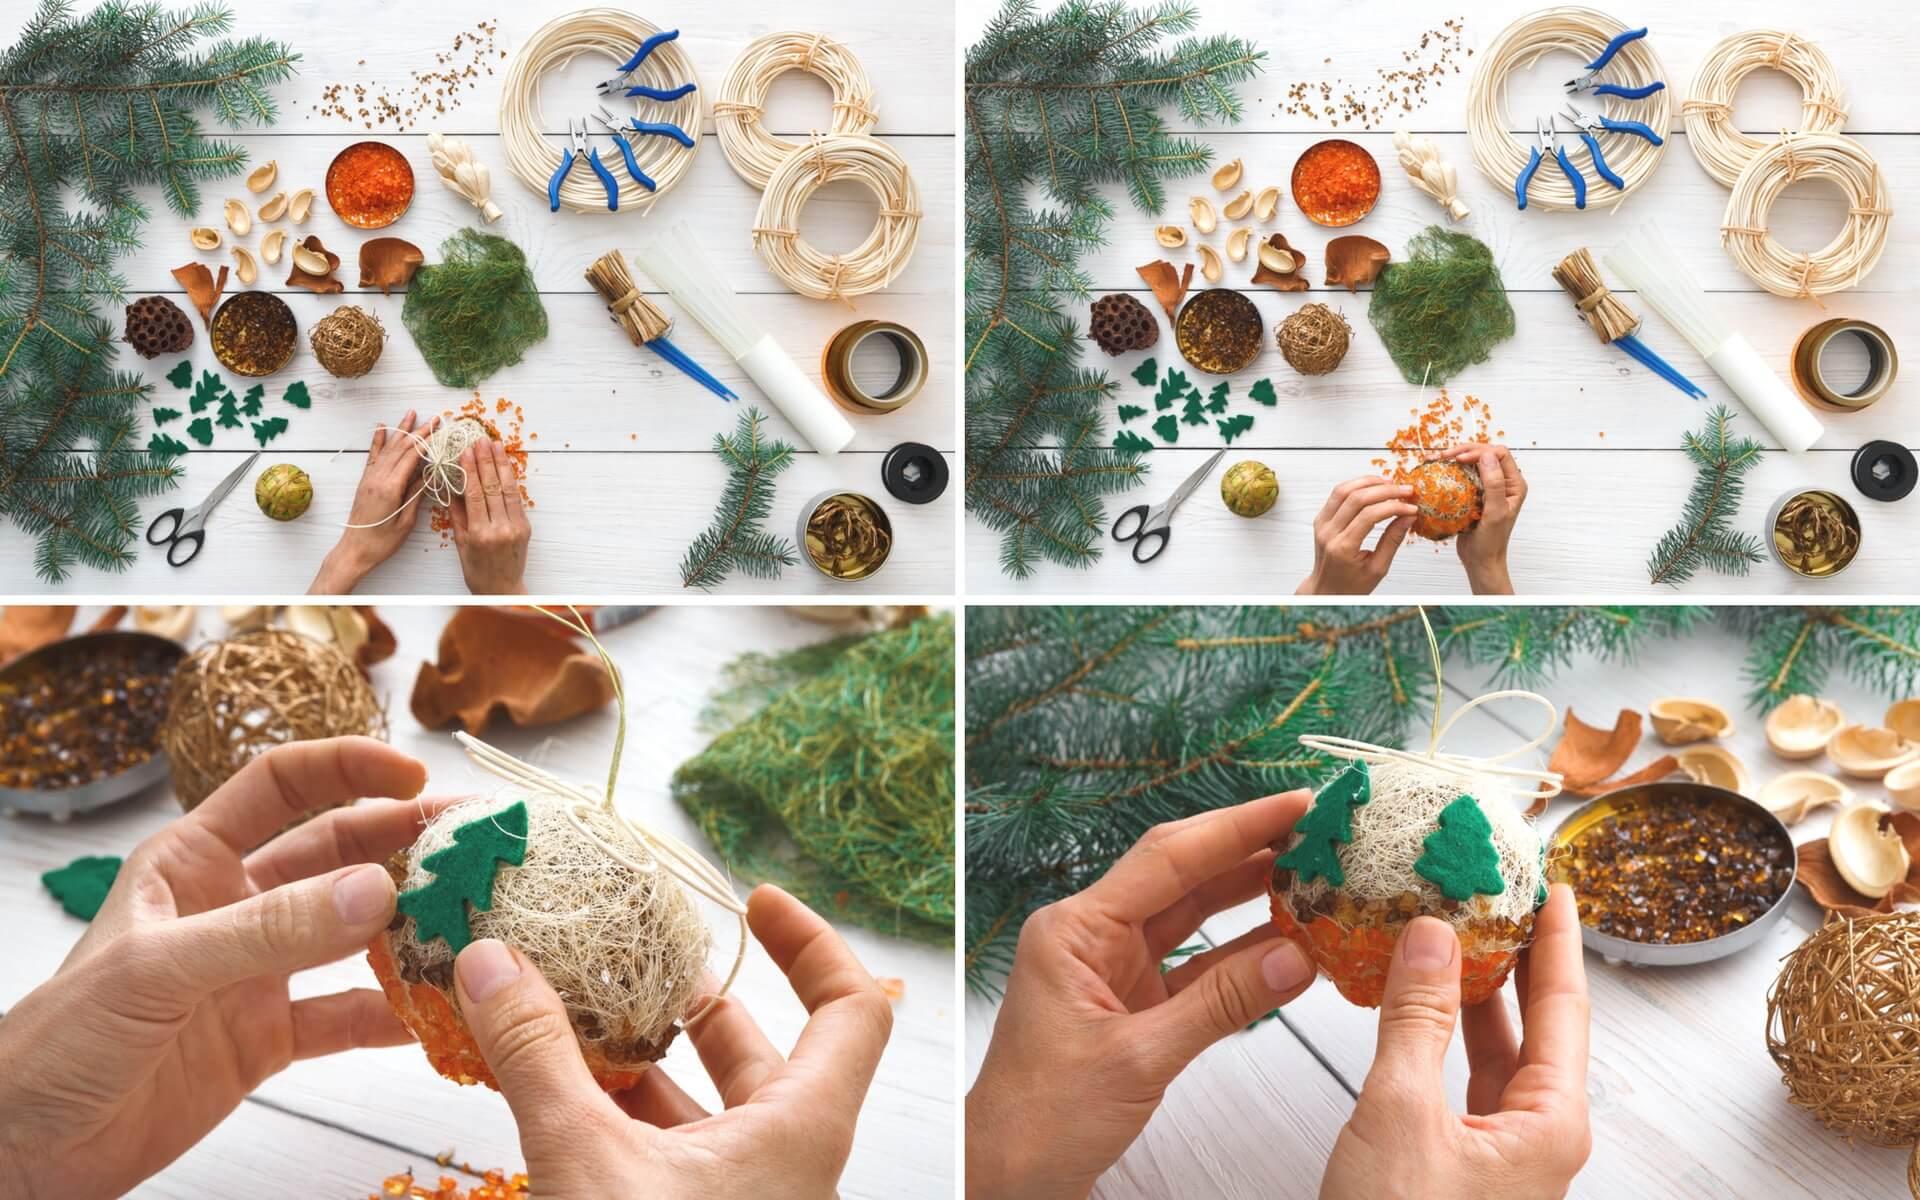 Spiegazione passo dopo passo per realizzare delle palline natalizie fai da te